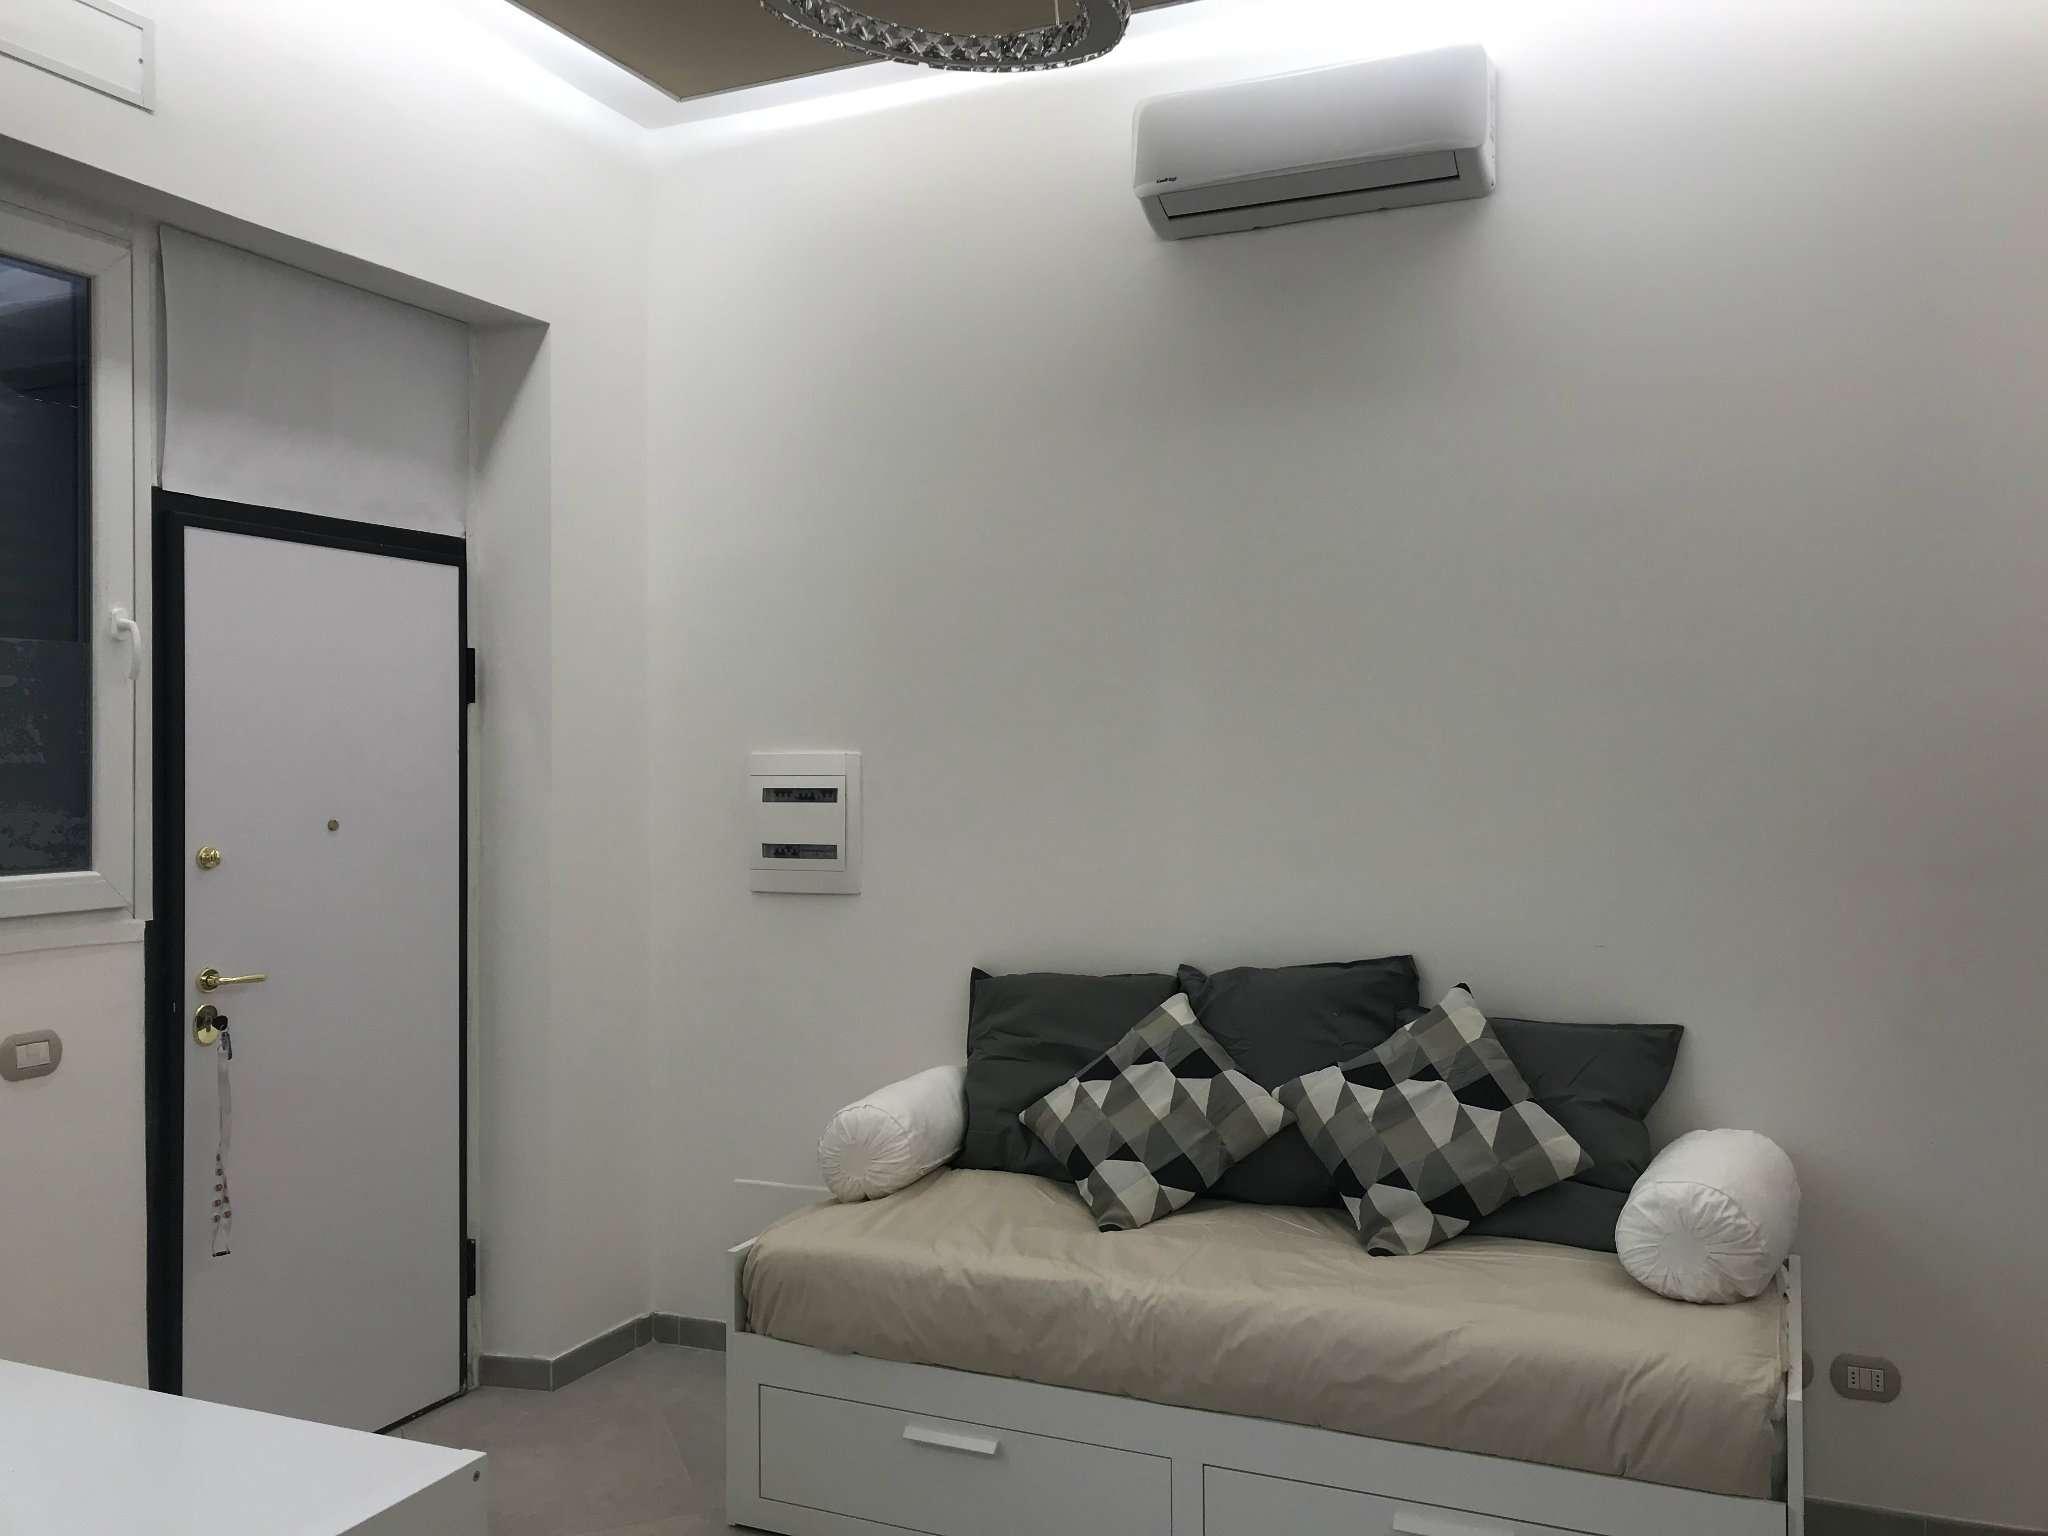 Appartamento in Affitto a Milano 06 Italia / Porta Romana / Bocconi / Lodi: 1 locali, 42 mq